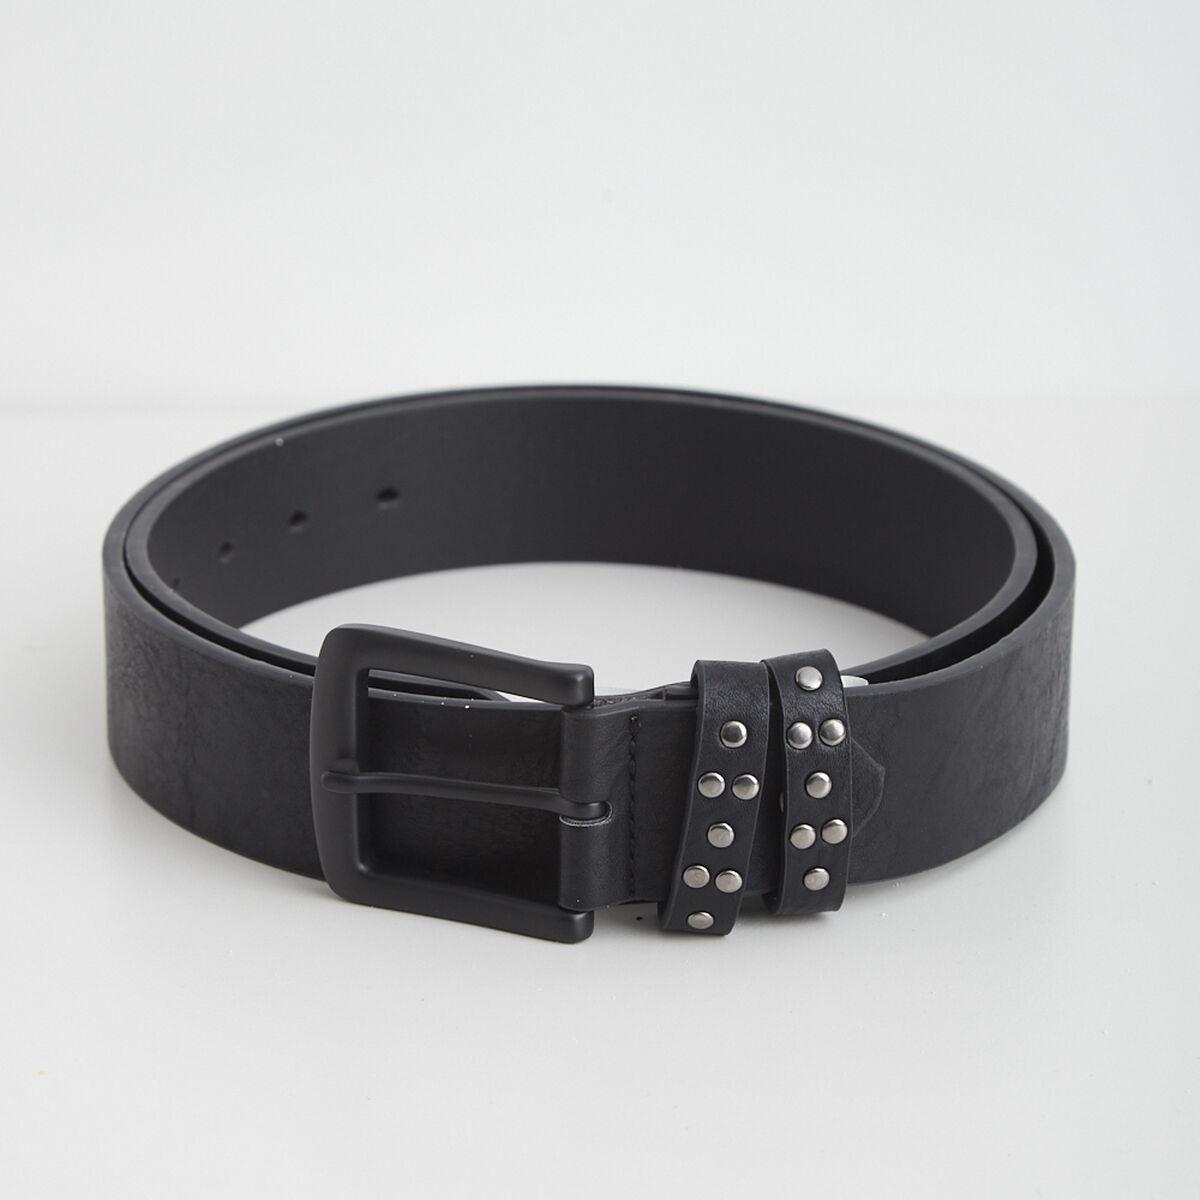 Cinturón Hombre Zibel